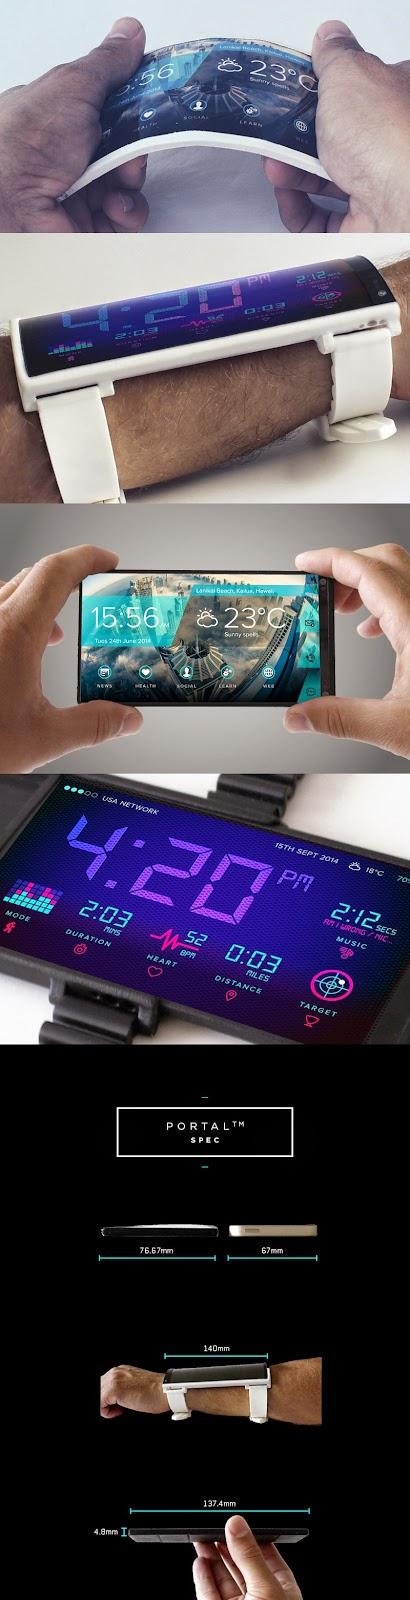 Portal phones: a flexible smartphone